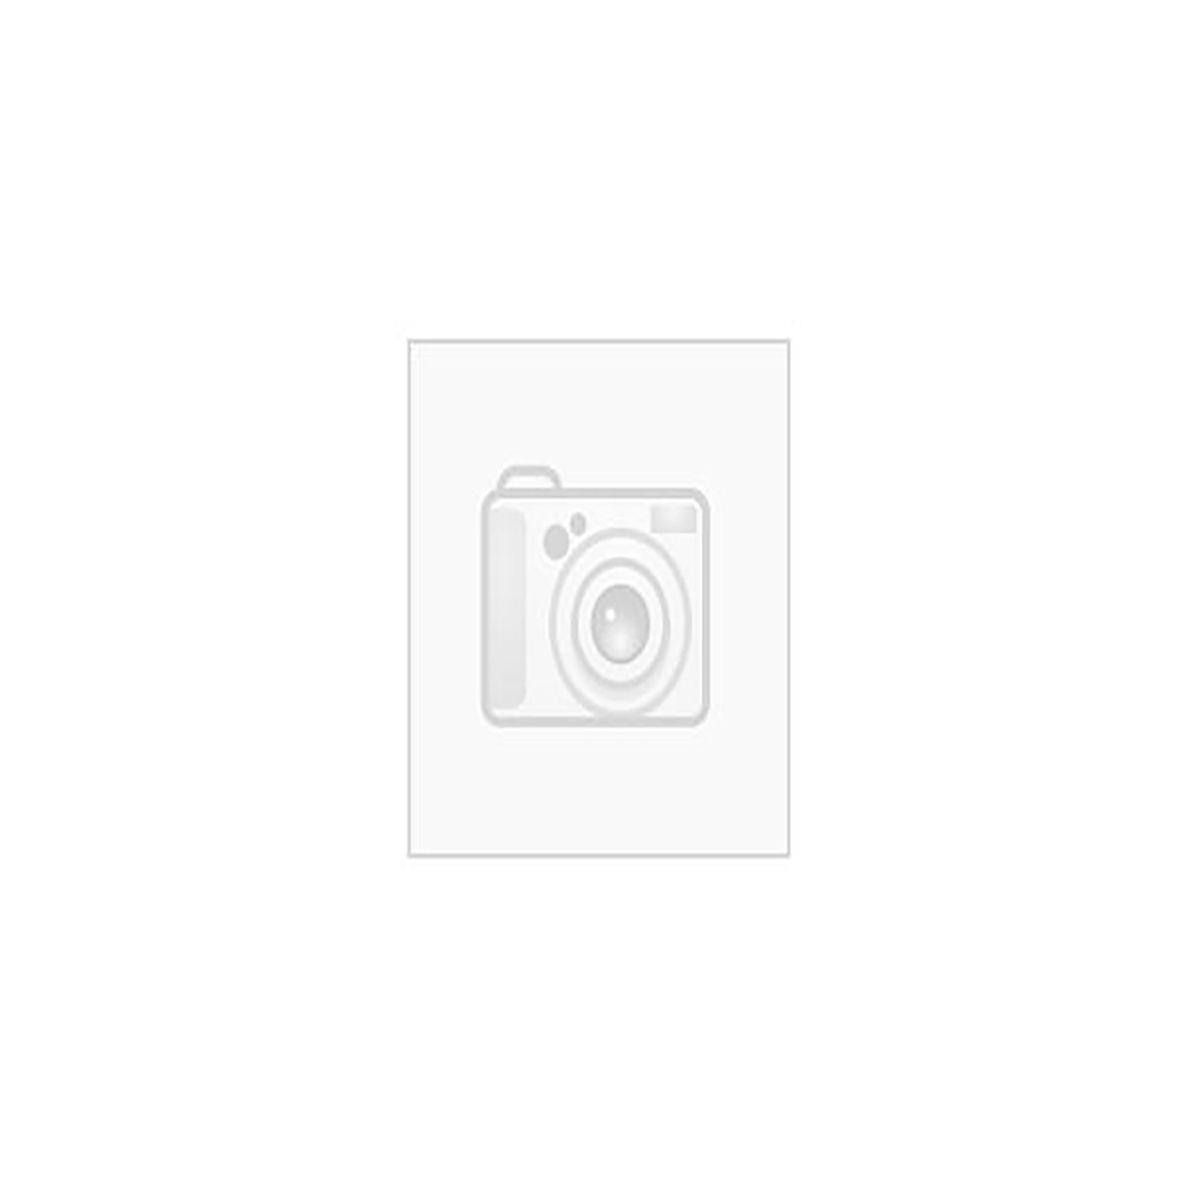 Tapwell - BOX 7368 Takdusj